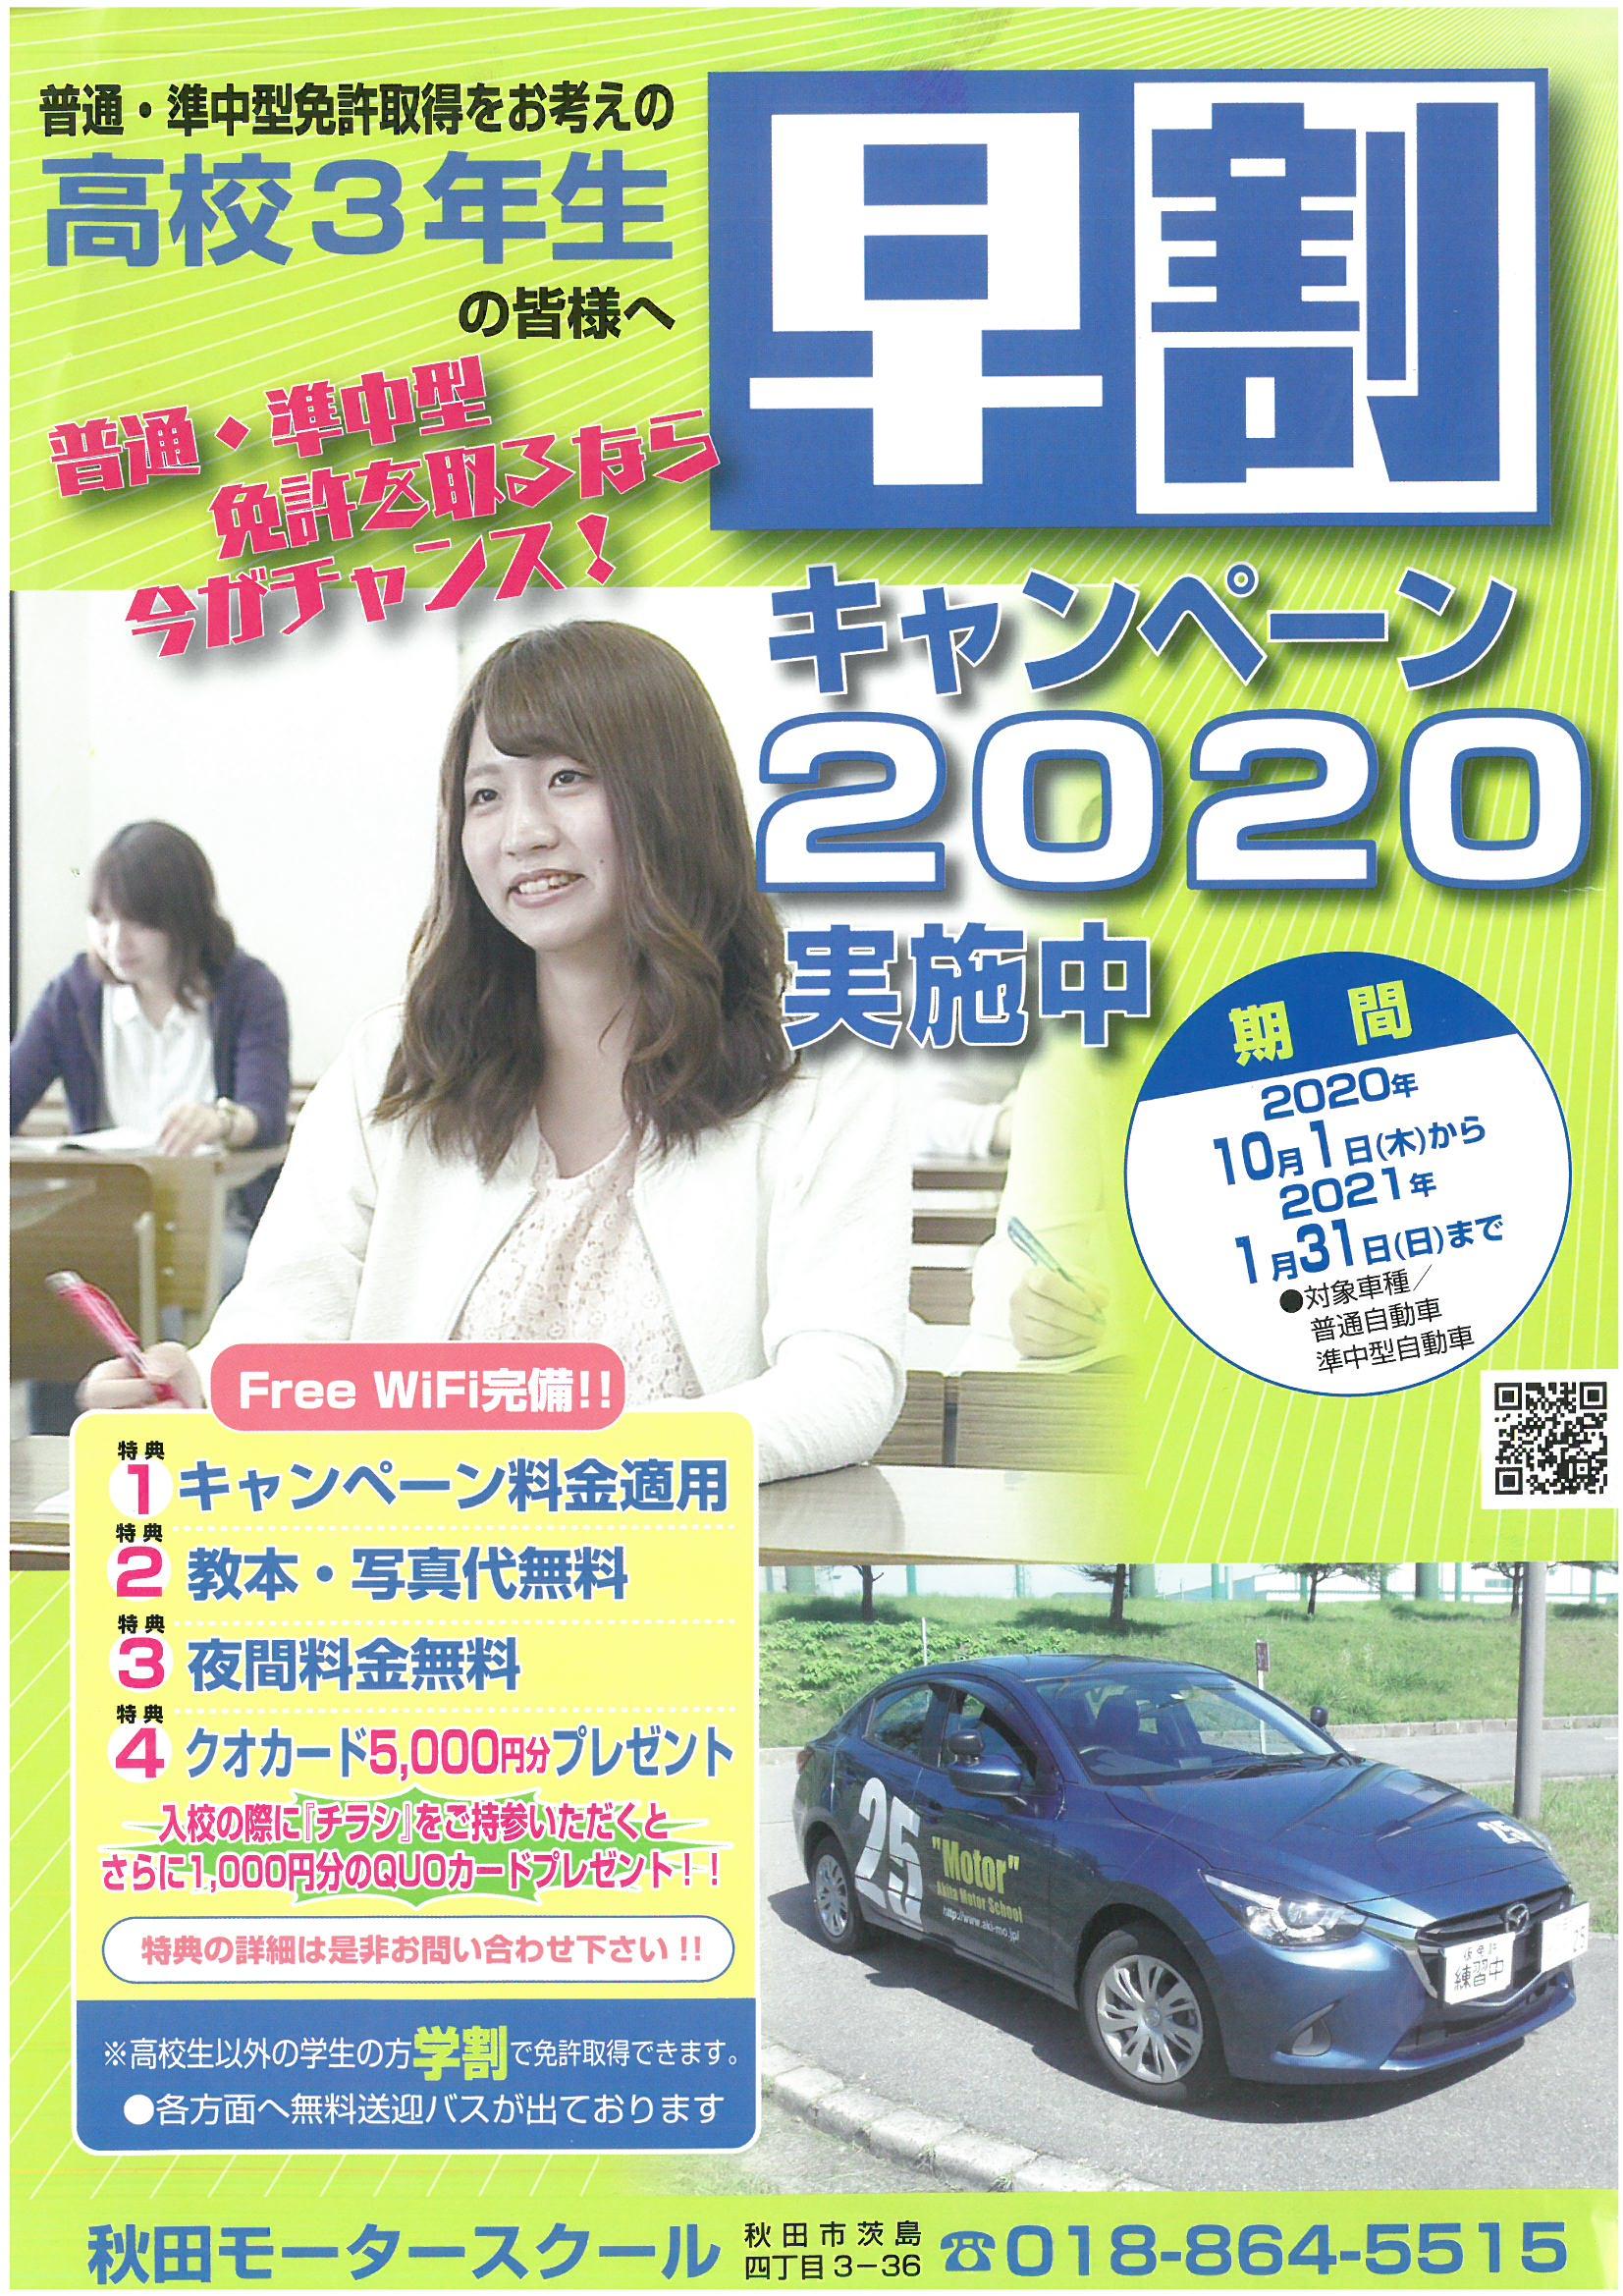 SKM_C364e20100511520